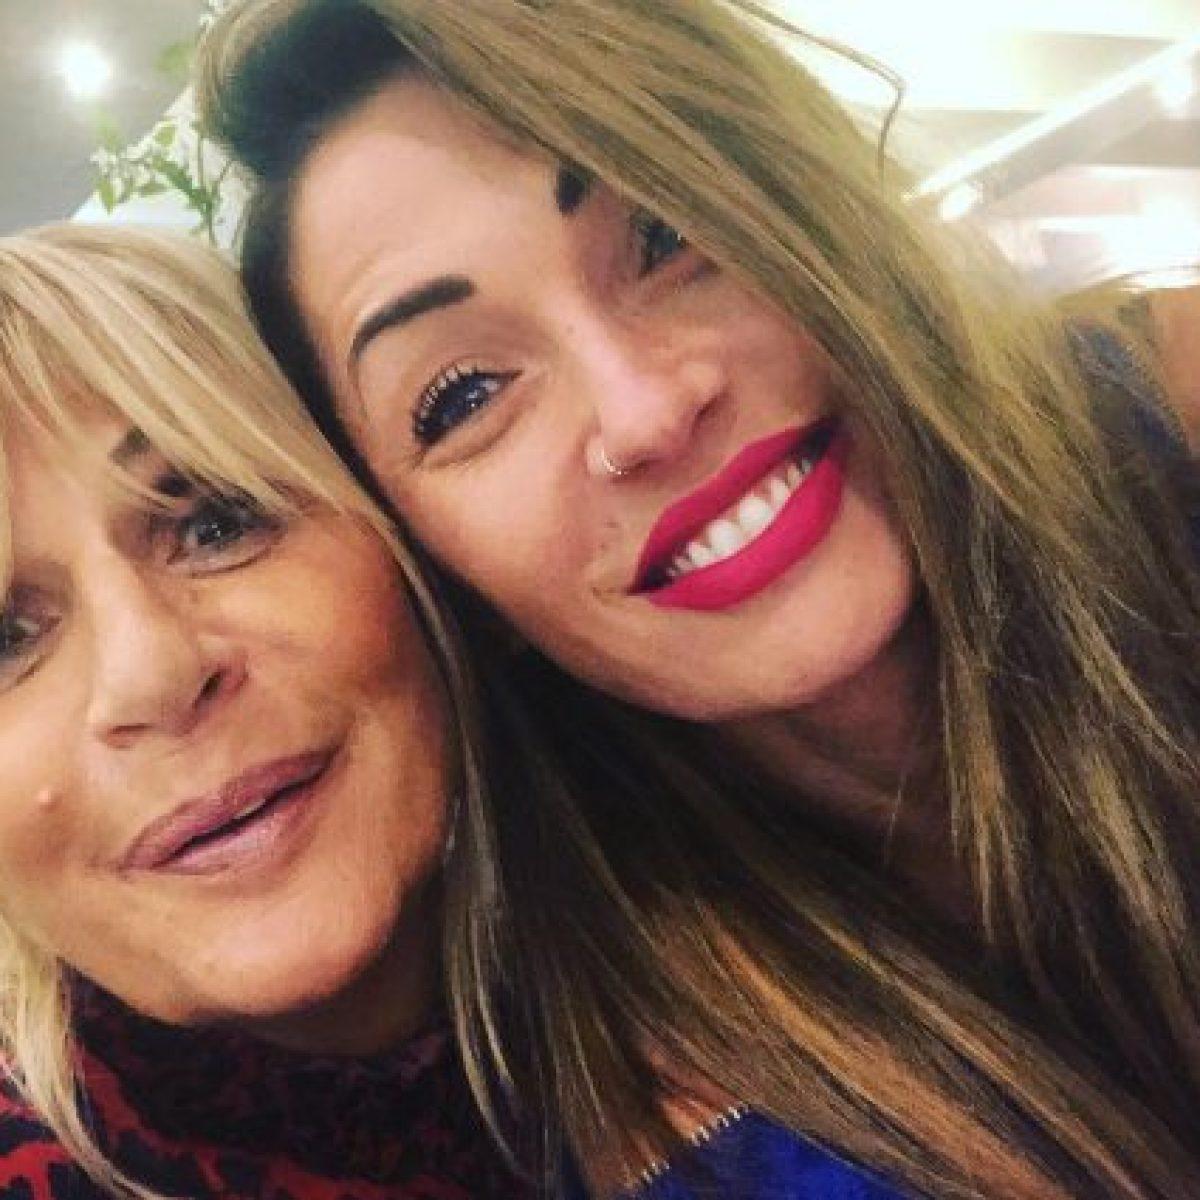 Gemma Galgani Uomini e Donne Sparita Voce Ritocchino